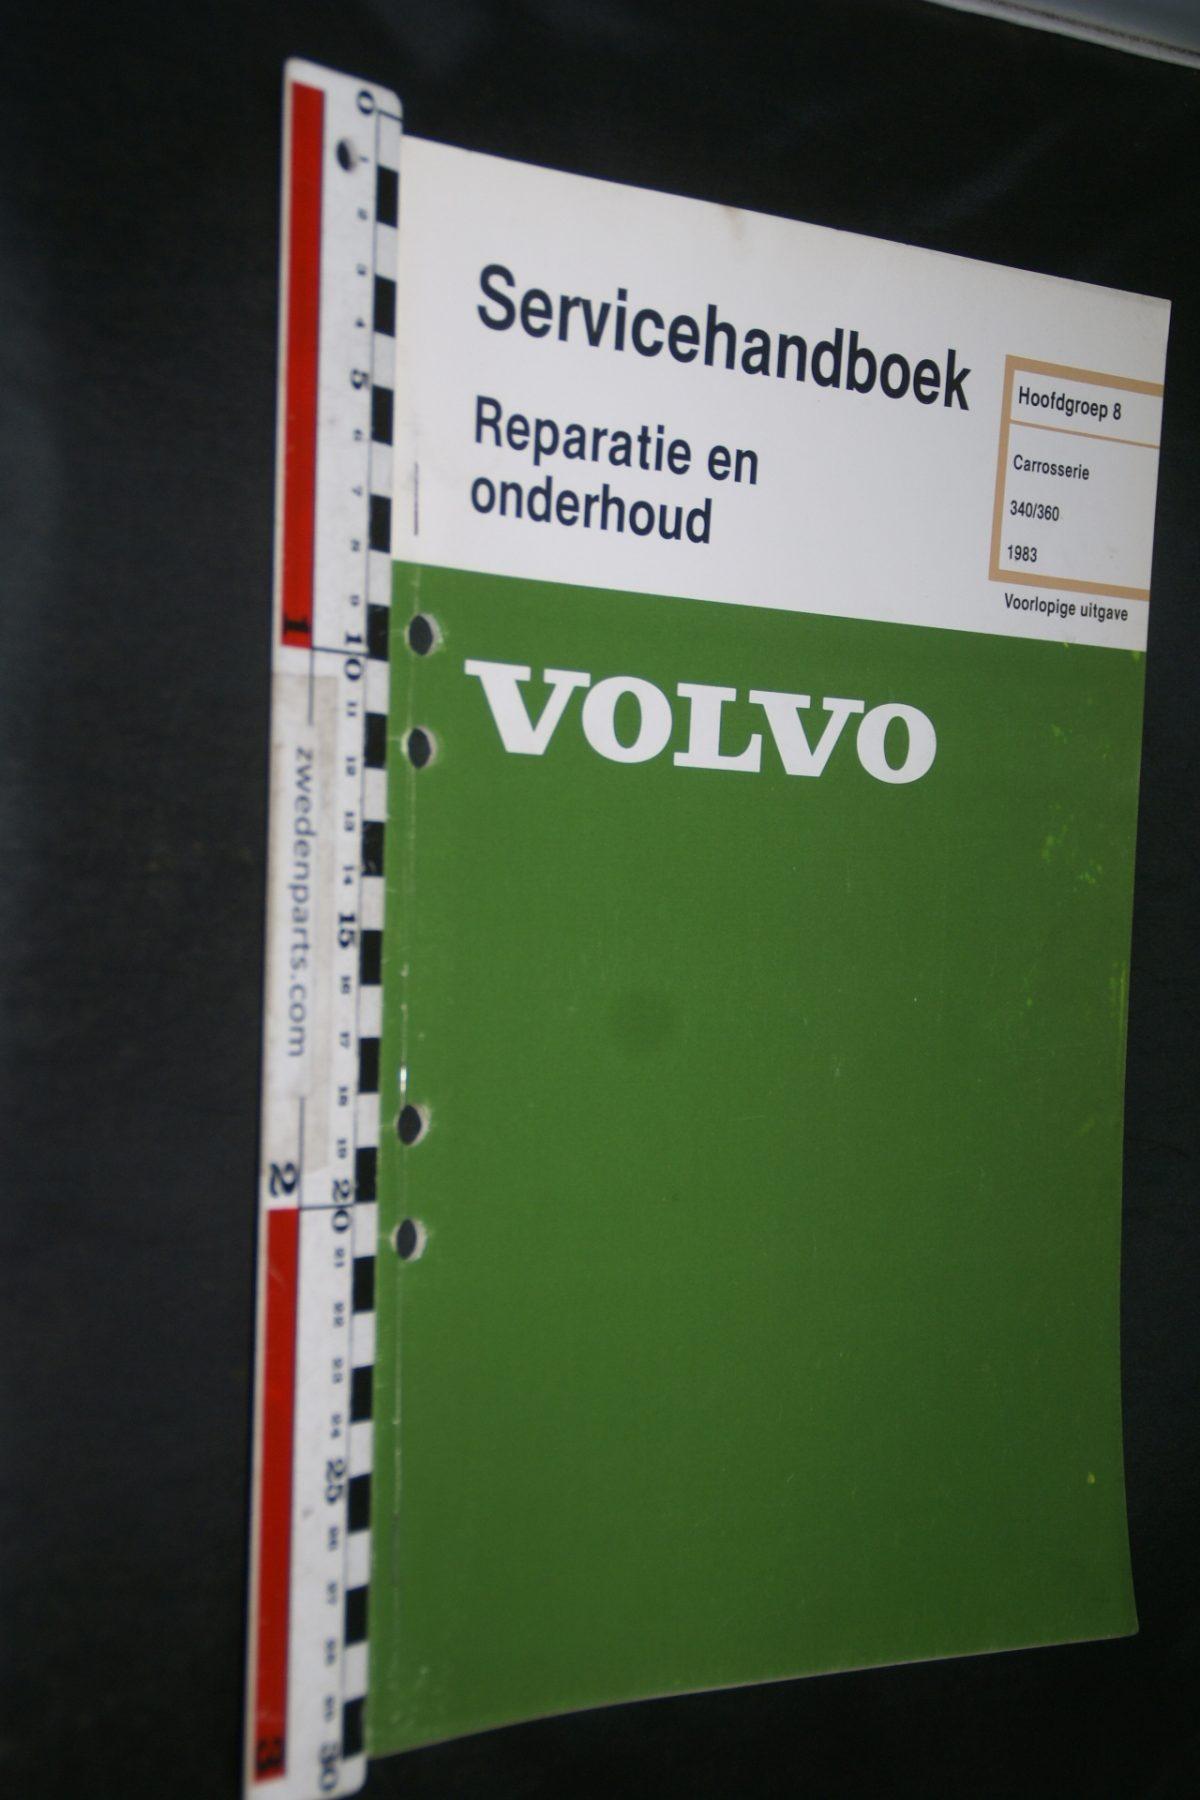 DSC06830 1982 origineel Volvo 340,360 servicehandboek 8 carosserie 1 van 800 TP 35120-1